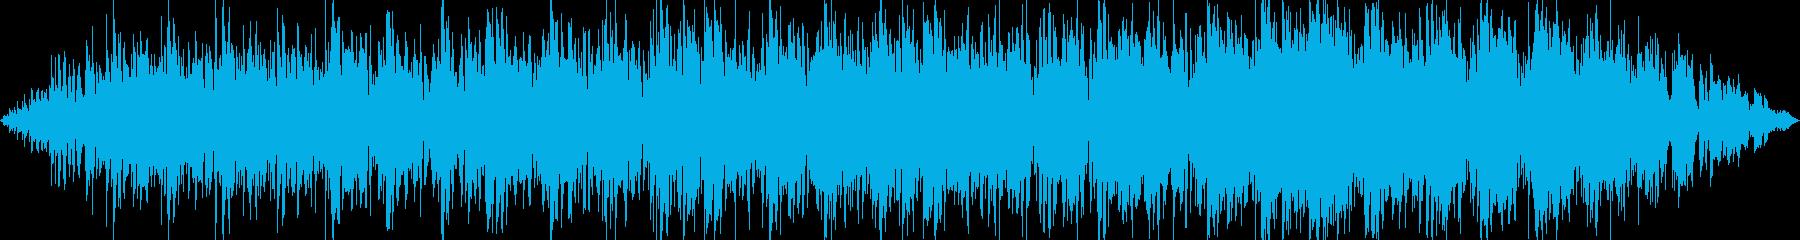 スムーズジャズ。ギターのメロディー...の再生済みの波形